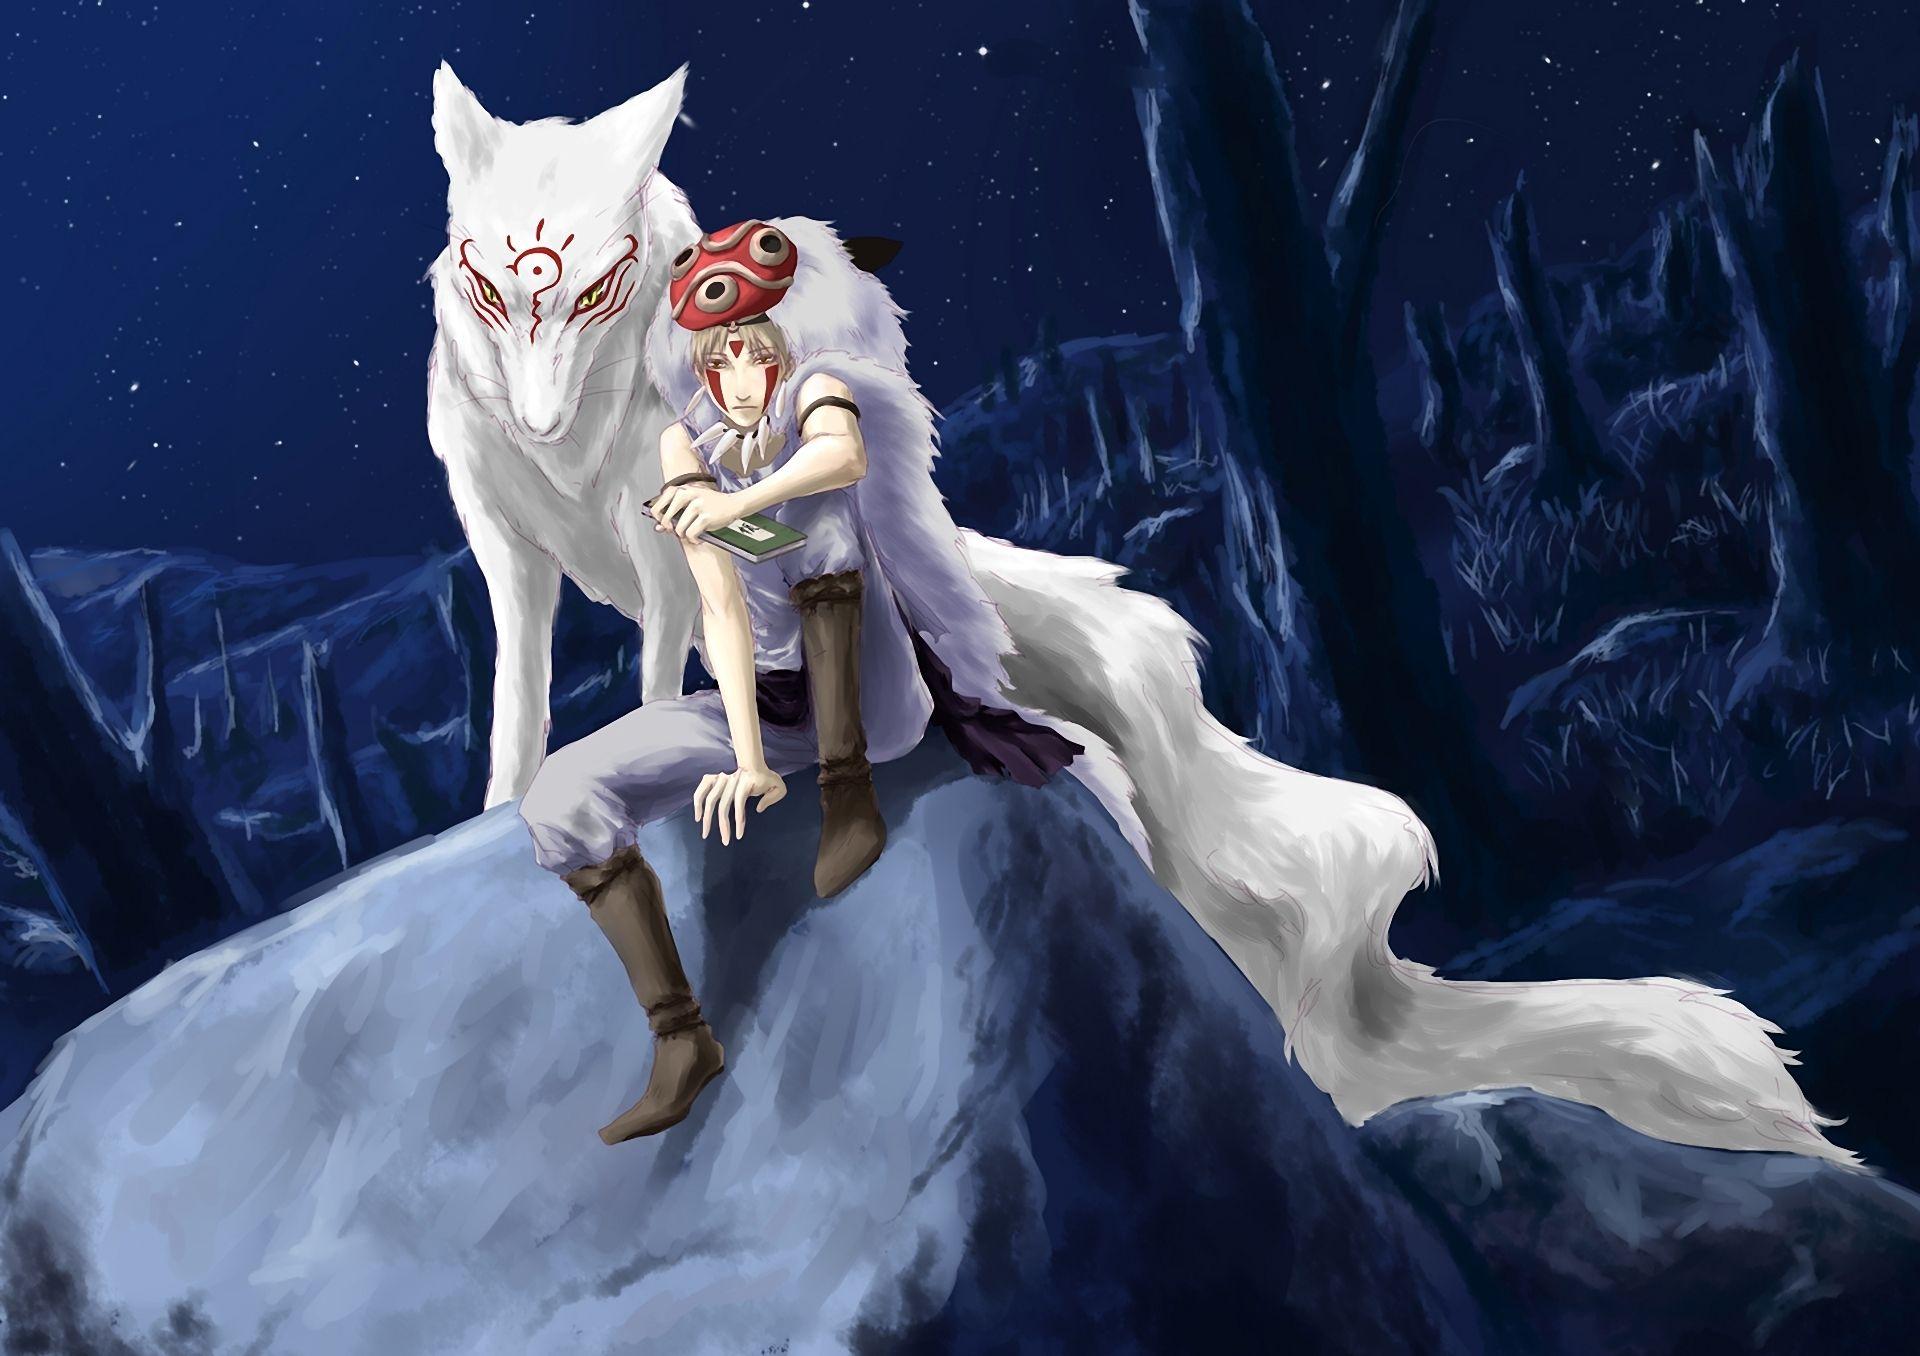 animewolveswallpaper.jpg (1920×1356) Wolves